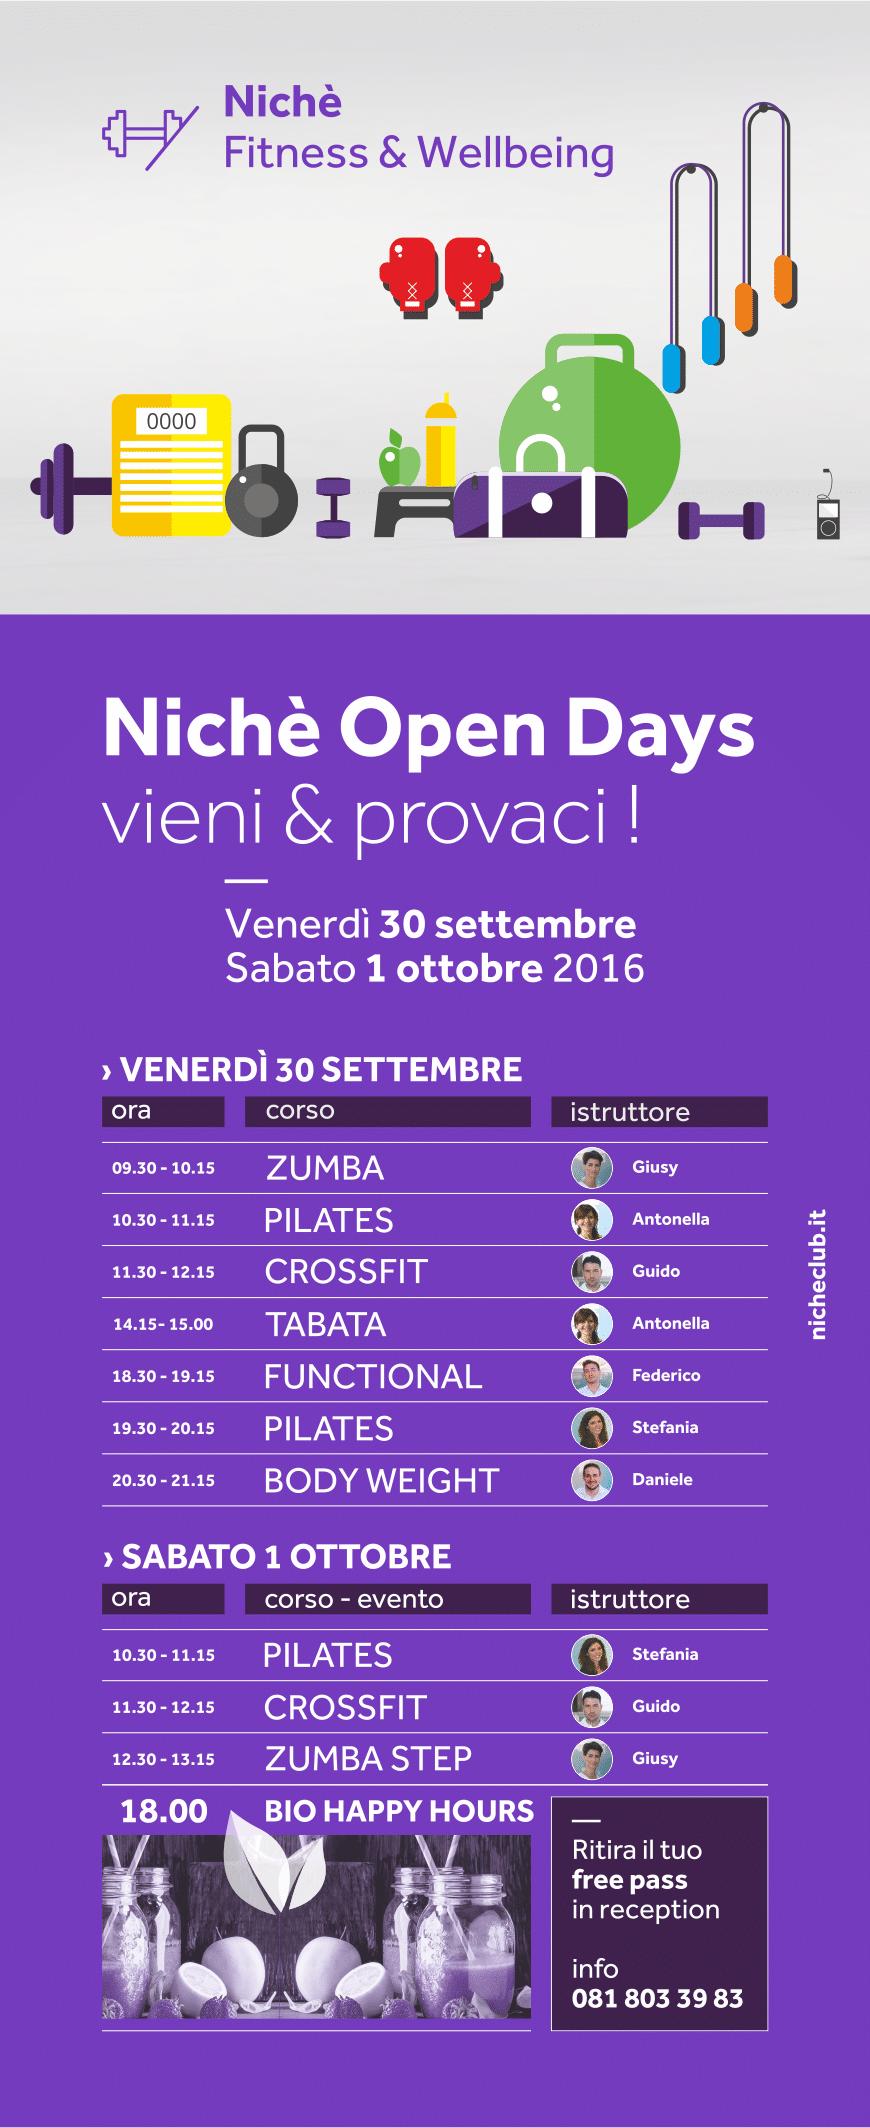 nichè-open-days